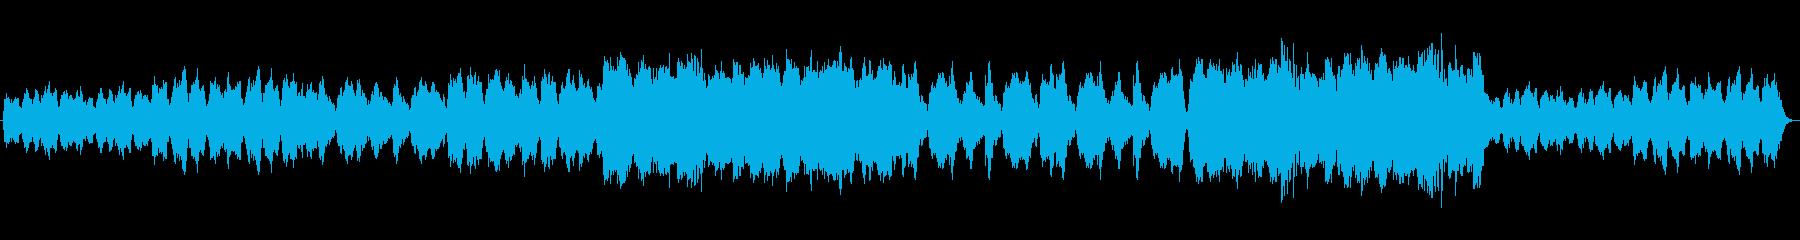 村/明るい/幸福感/お祭り/クラシックの再生済みの波形